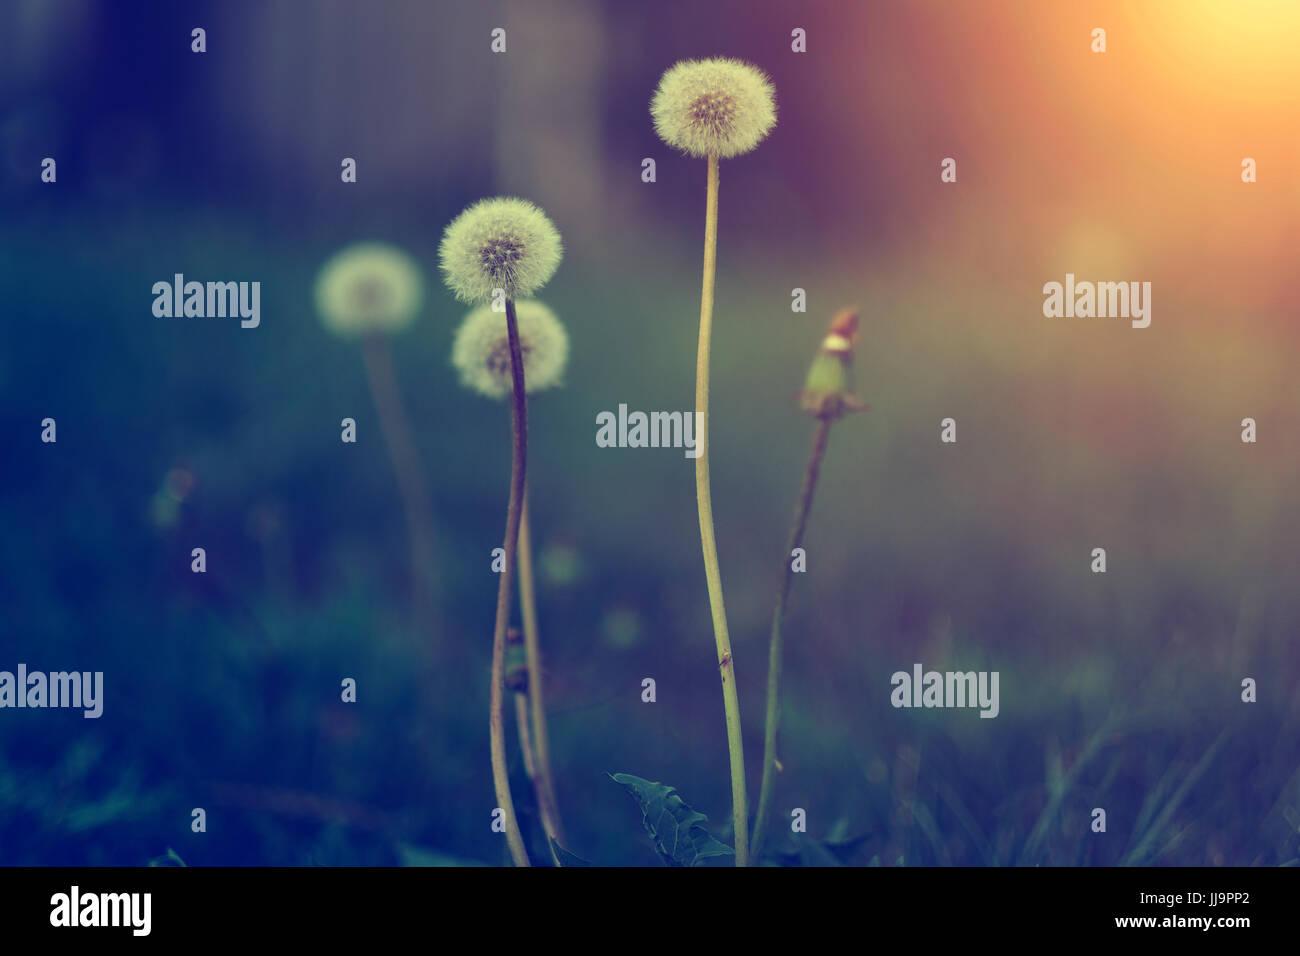 Flor diente de león en el atardecer. Esta imagen es exclusiva para Alamy solamente Imagen De Stock